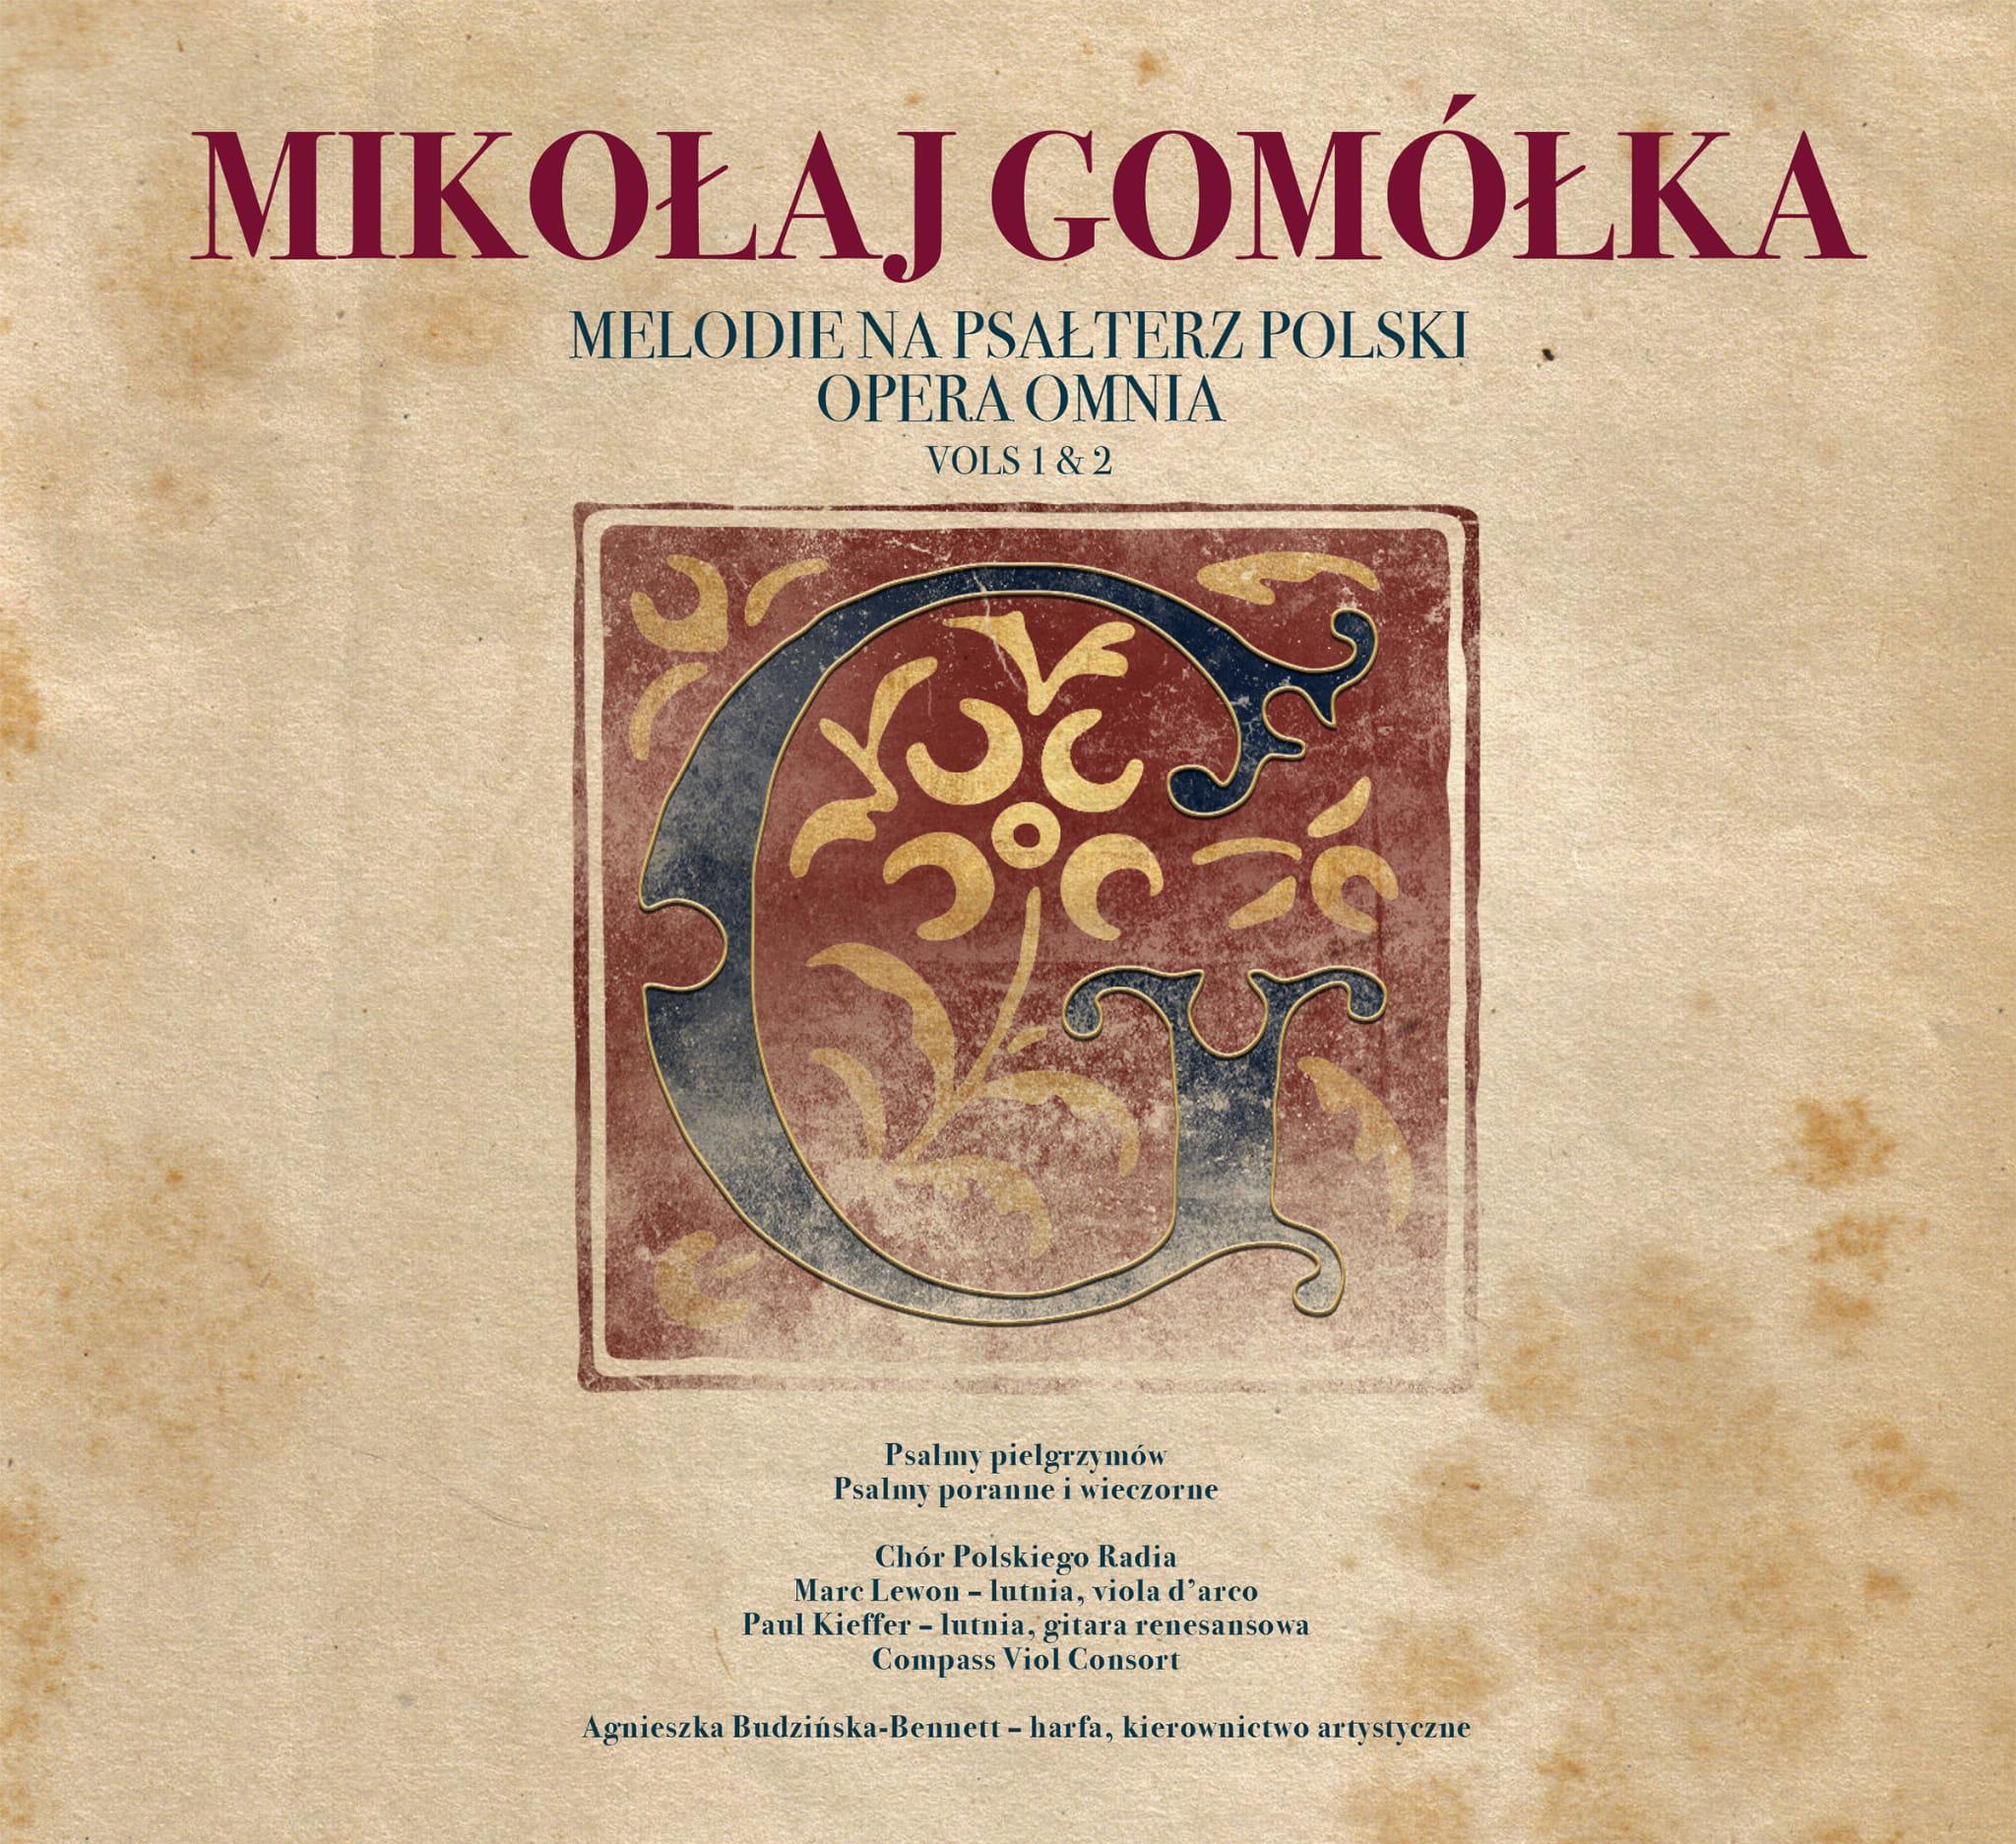 Mikołaj Gomółka – Melodie na Psałterz Polski vol. 1 i 2 [2 CD]